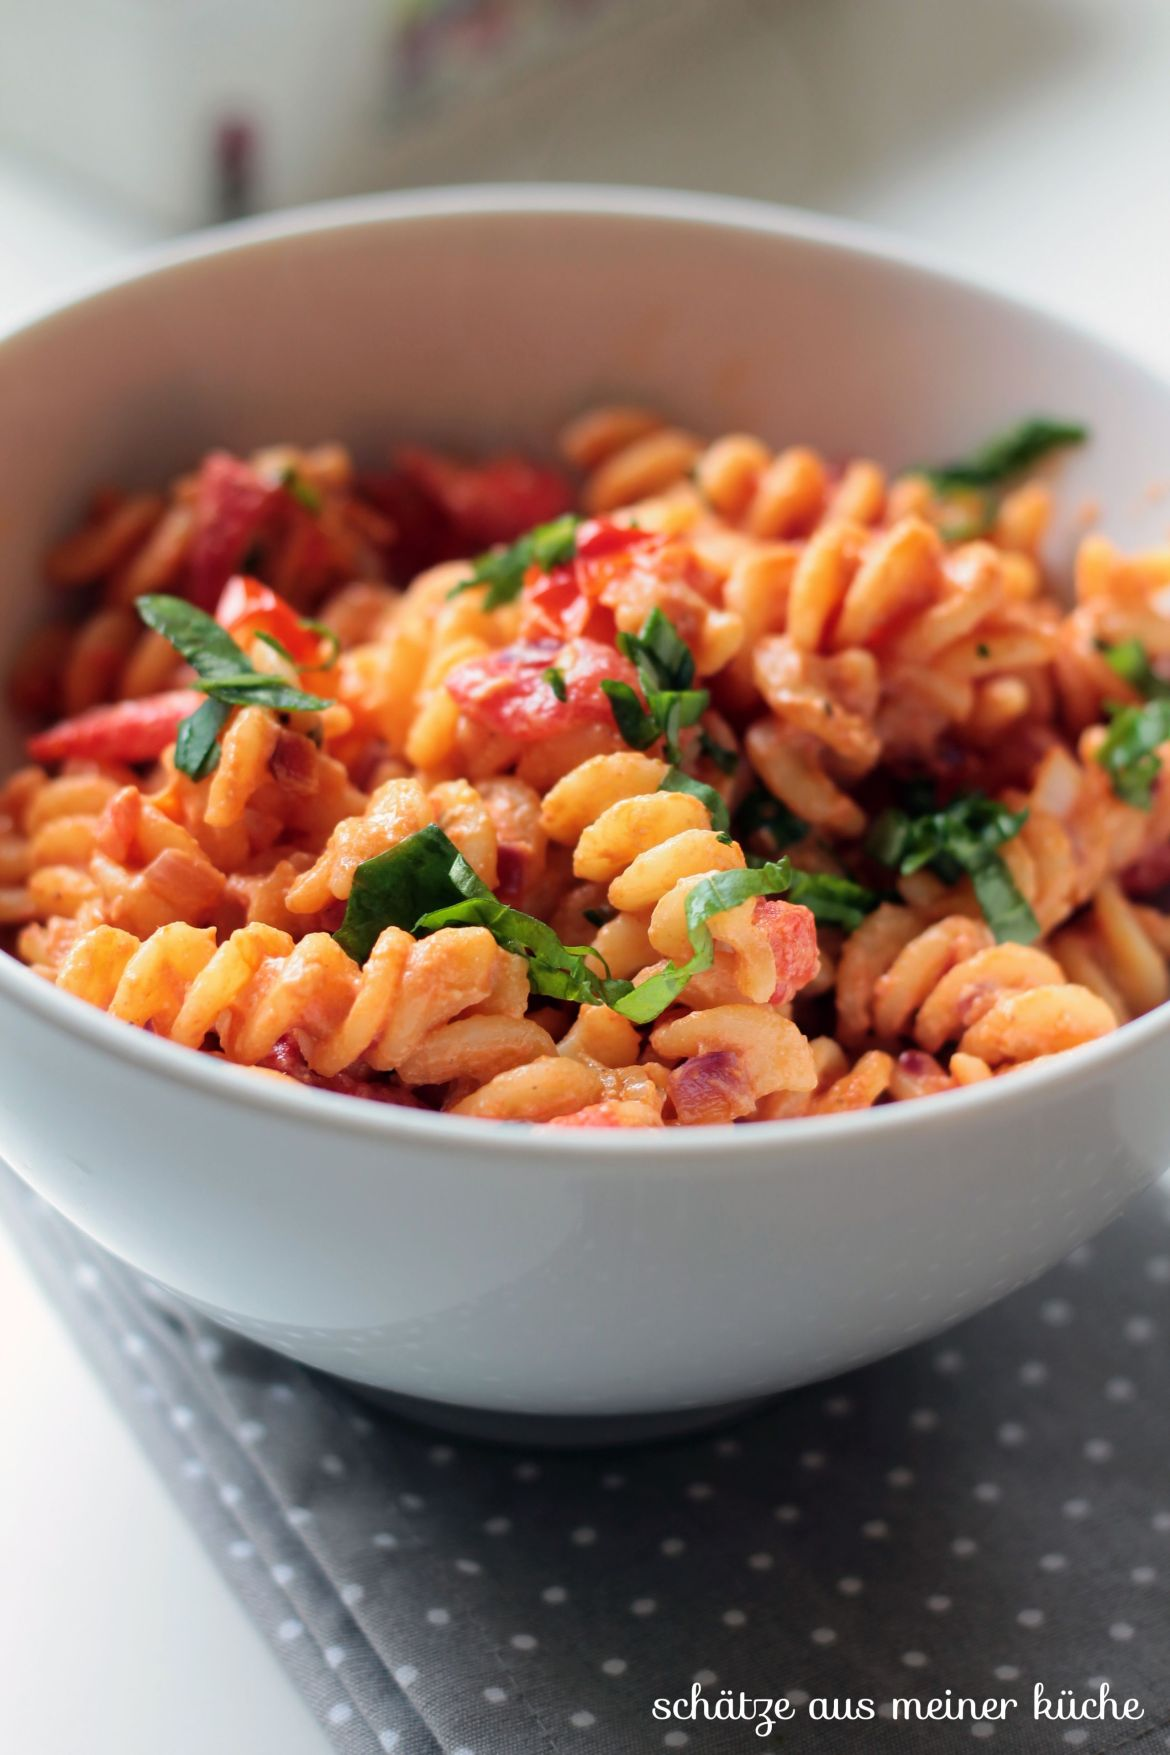 Tomaten-Ricotta-Nudeln mit Basilikum